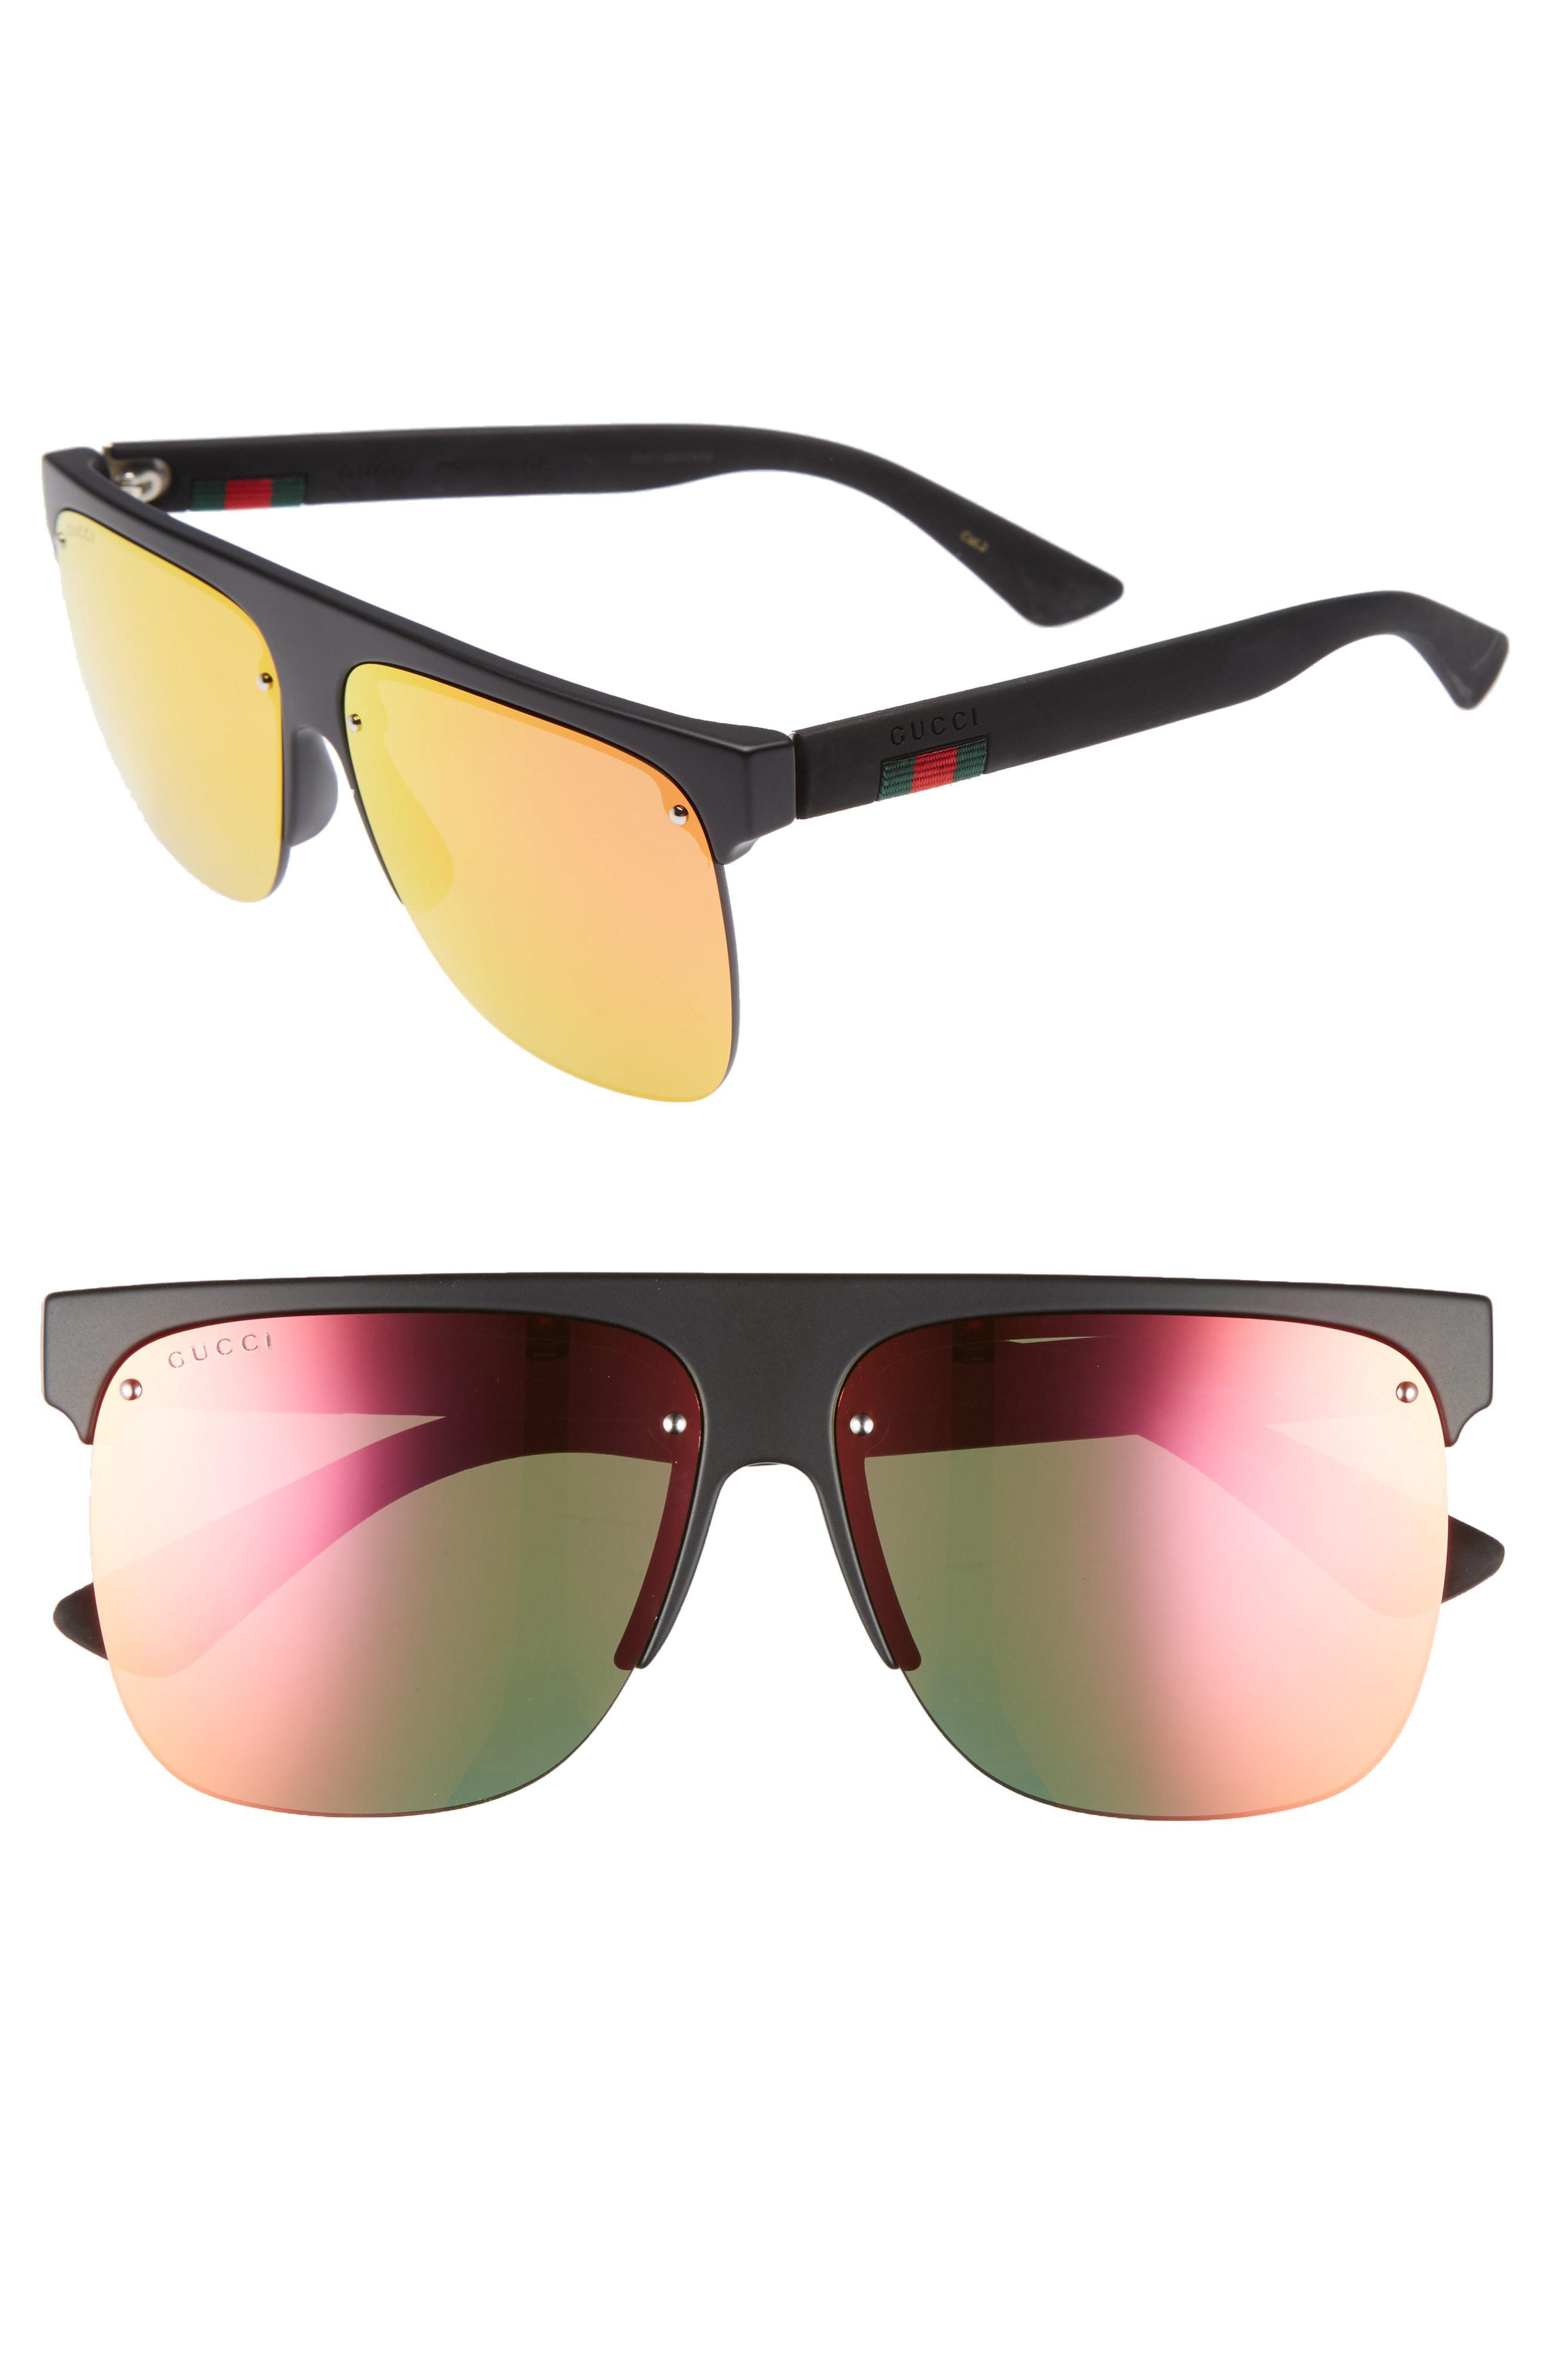 f38e5a4bca2 Lyst - Gucci 60mm Semi Rimless Polarized Sunglasses in Black for Men